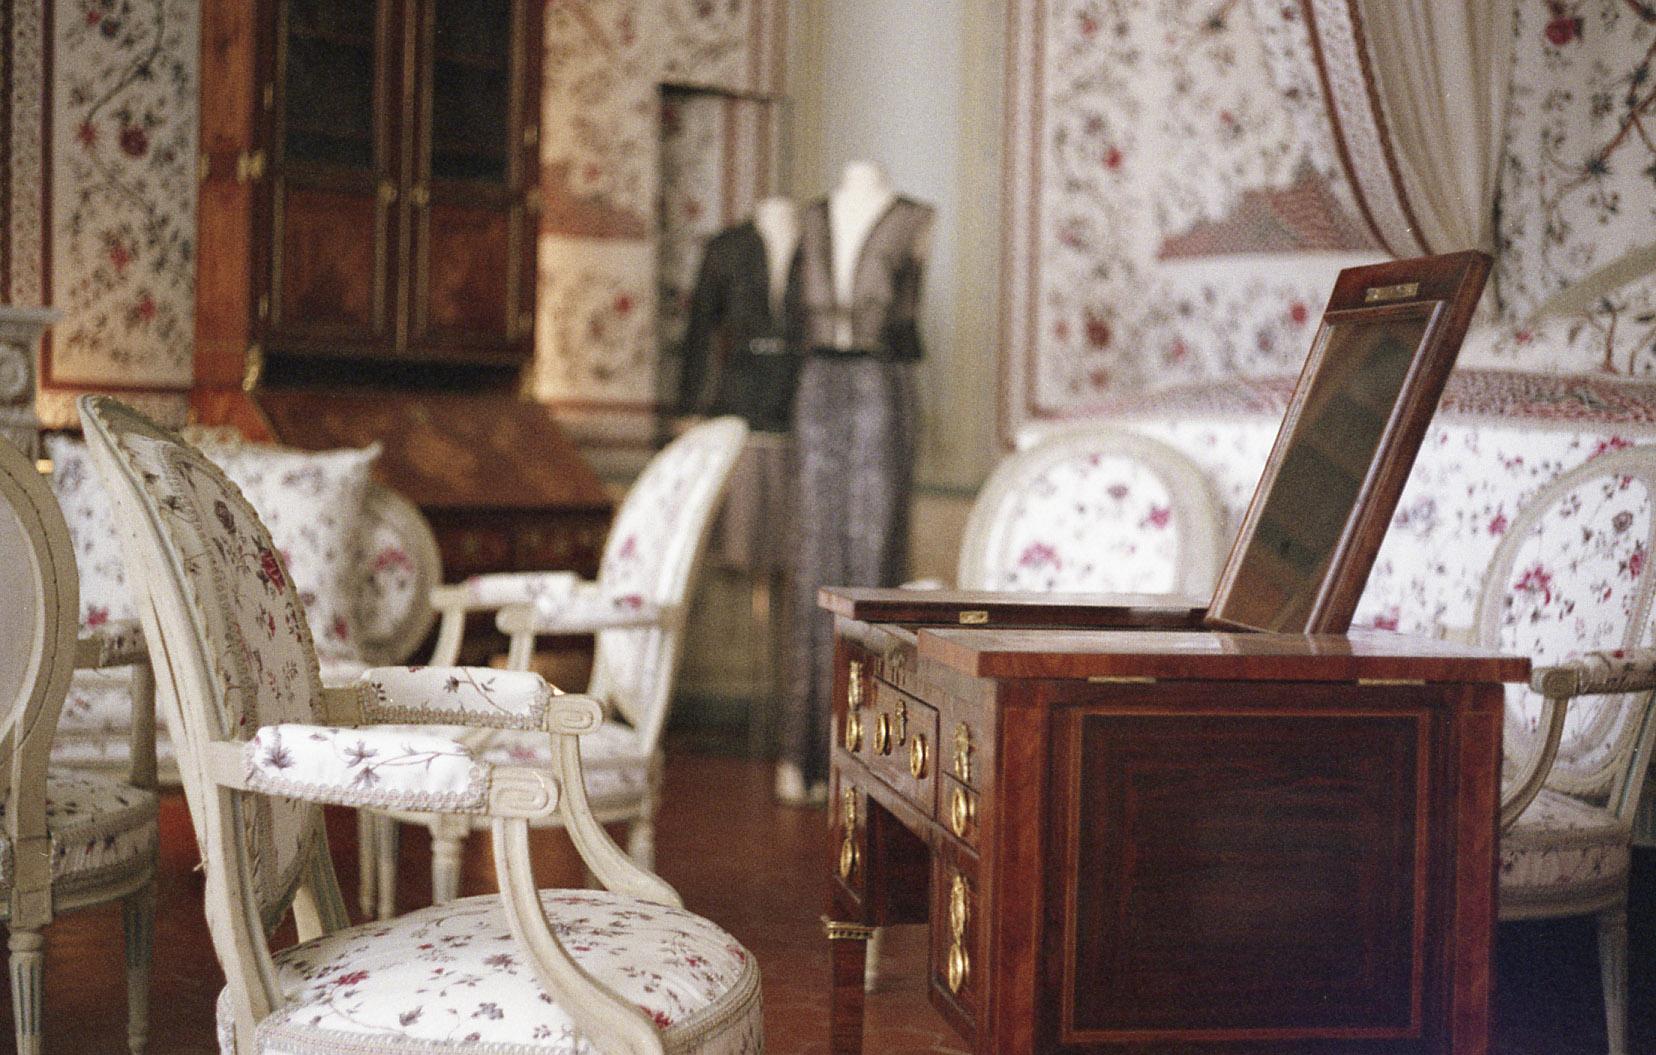 Le chateau bor ly un nouveau mus e marseille from marseille with love - Nouveau musee a marseille ...